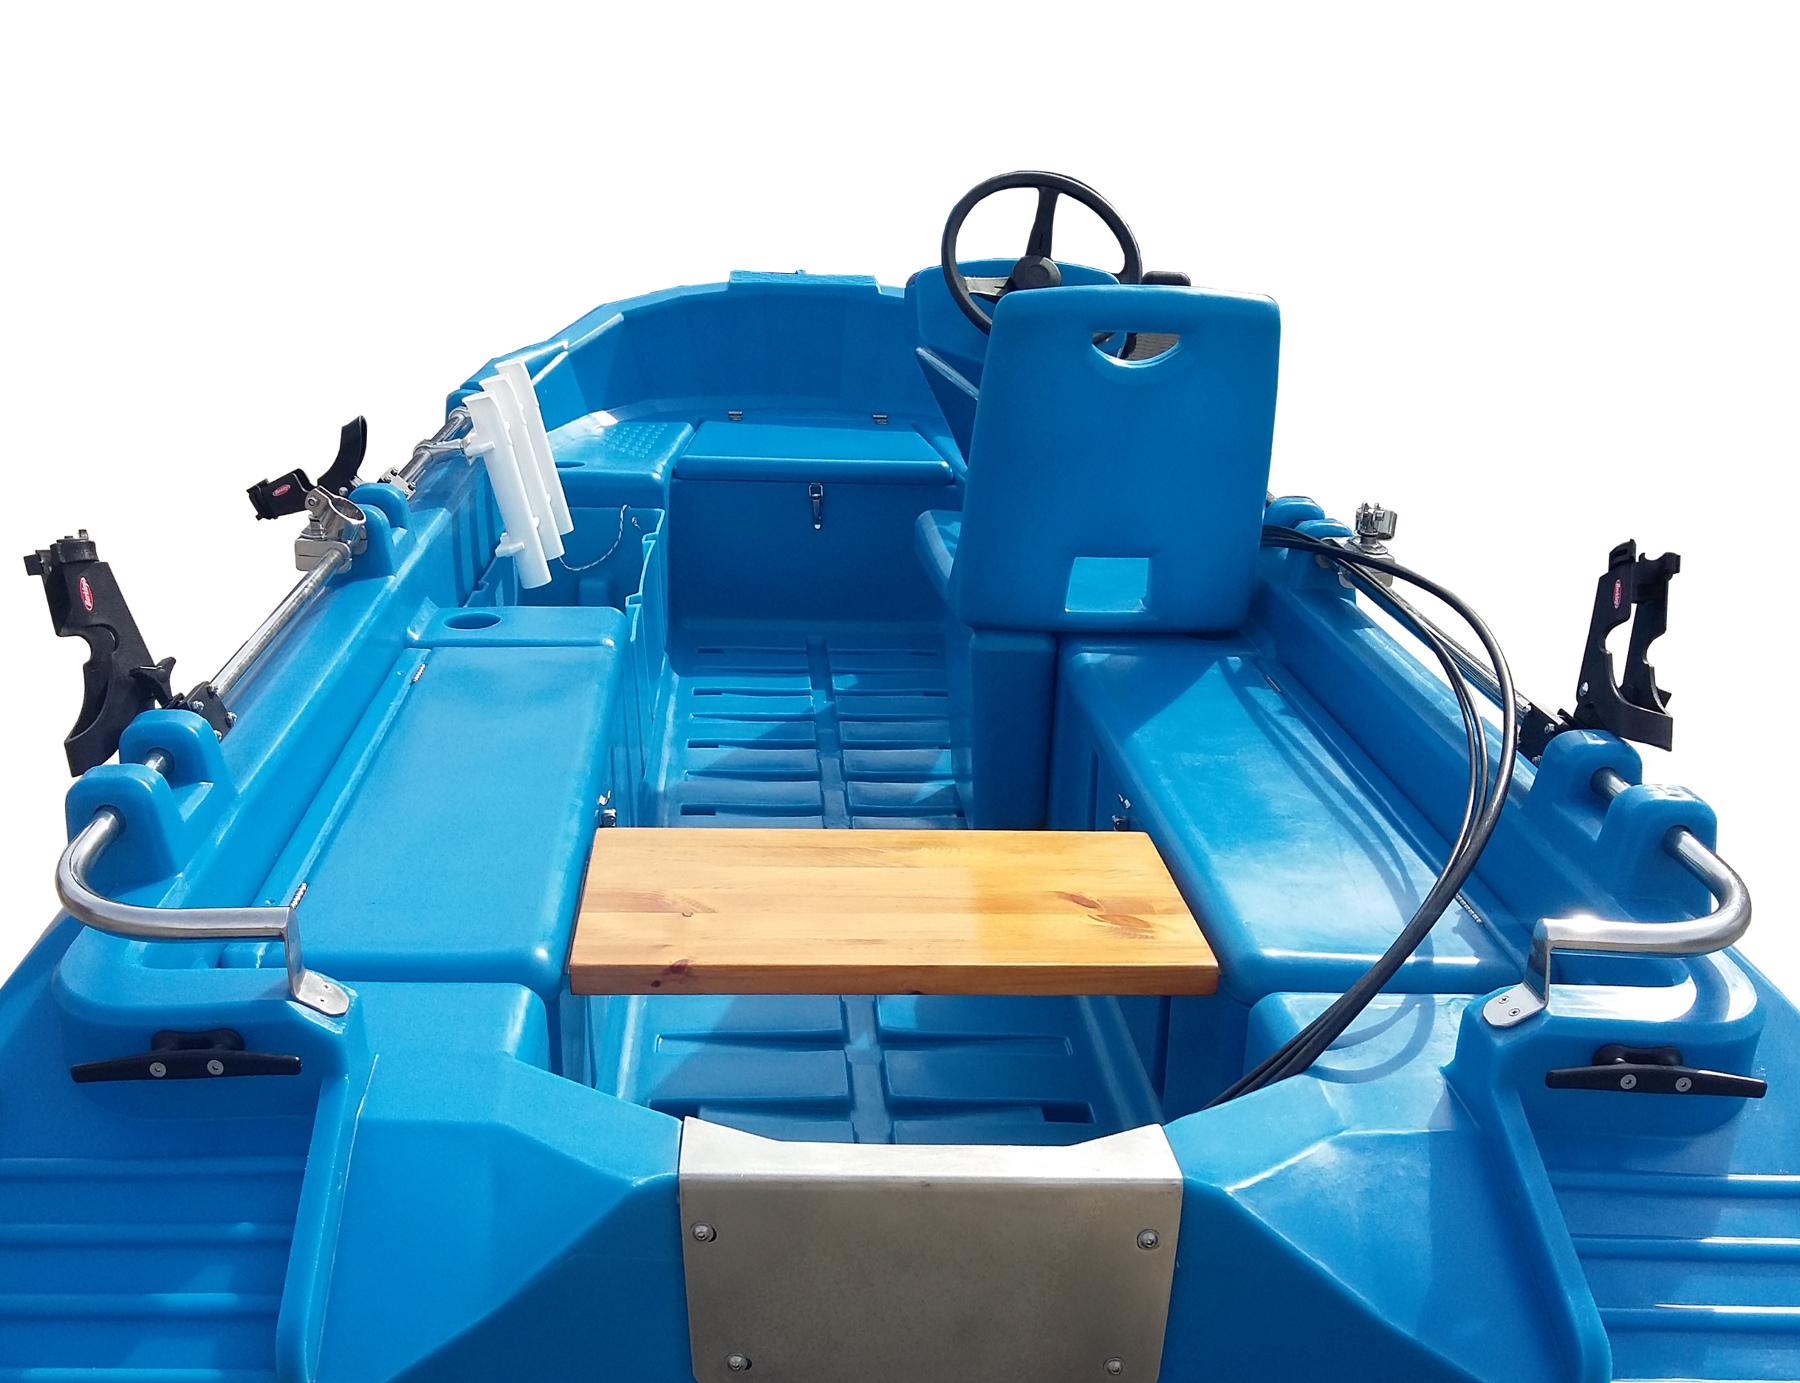 lodz-lodka-polietylenowa-kontra-niebieska-boat_1jpg